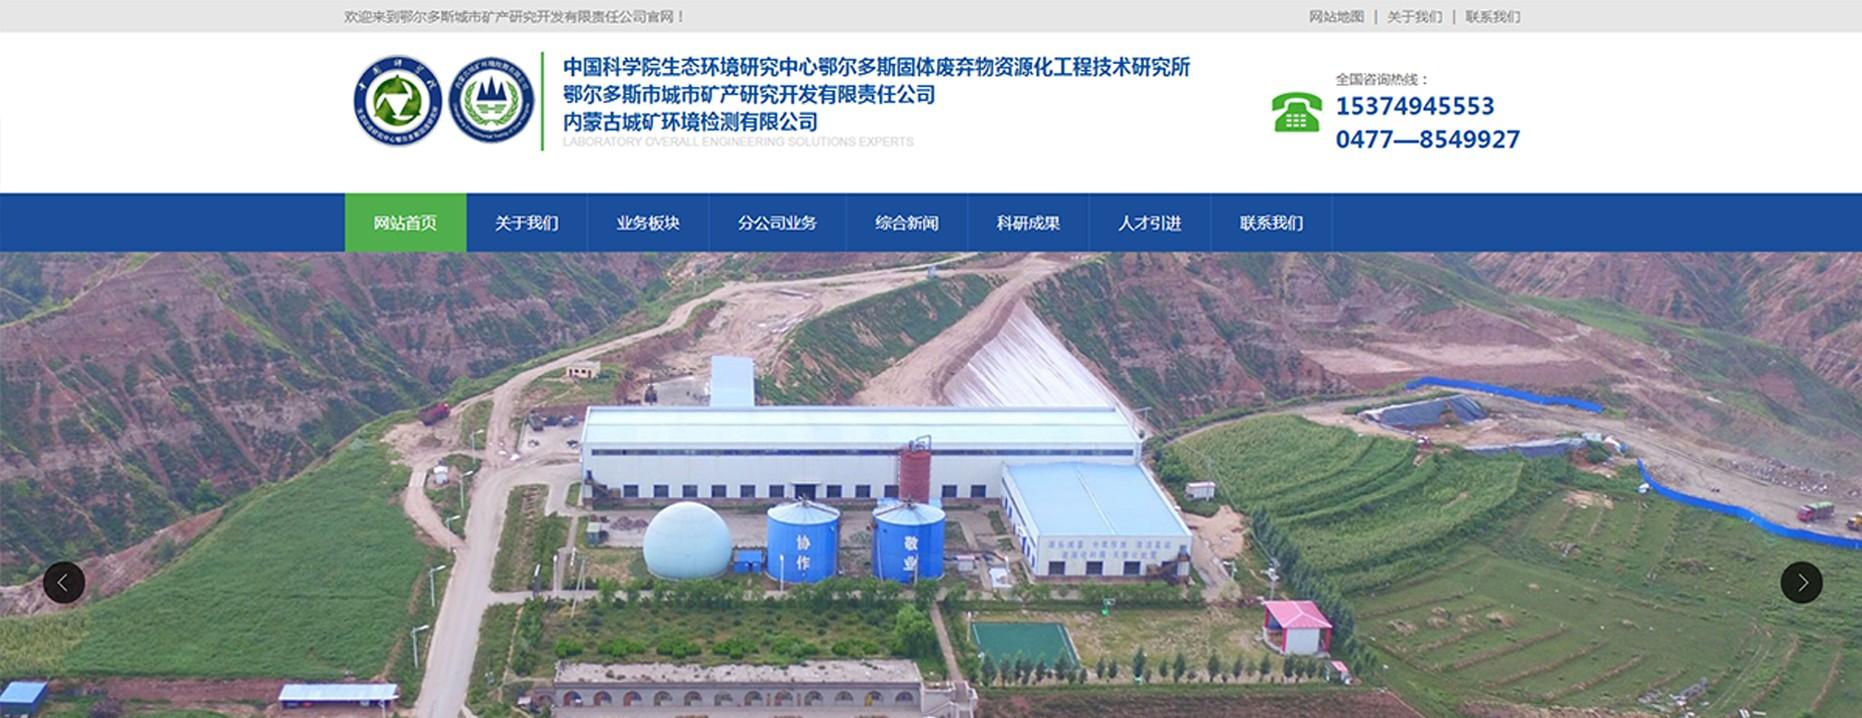 鄂尔多斯固体废弃物资源化工程研究所